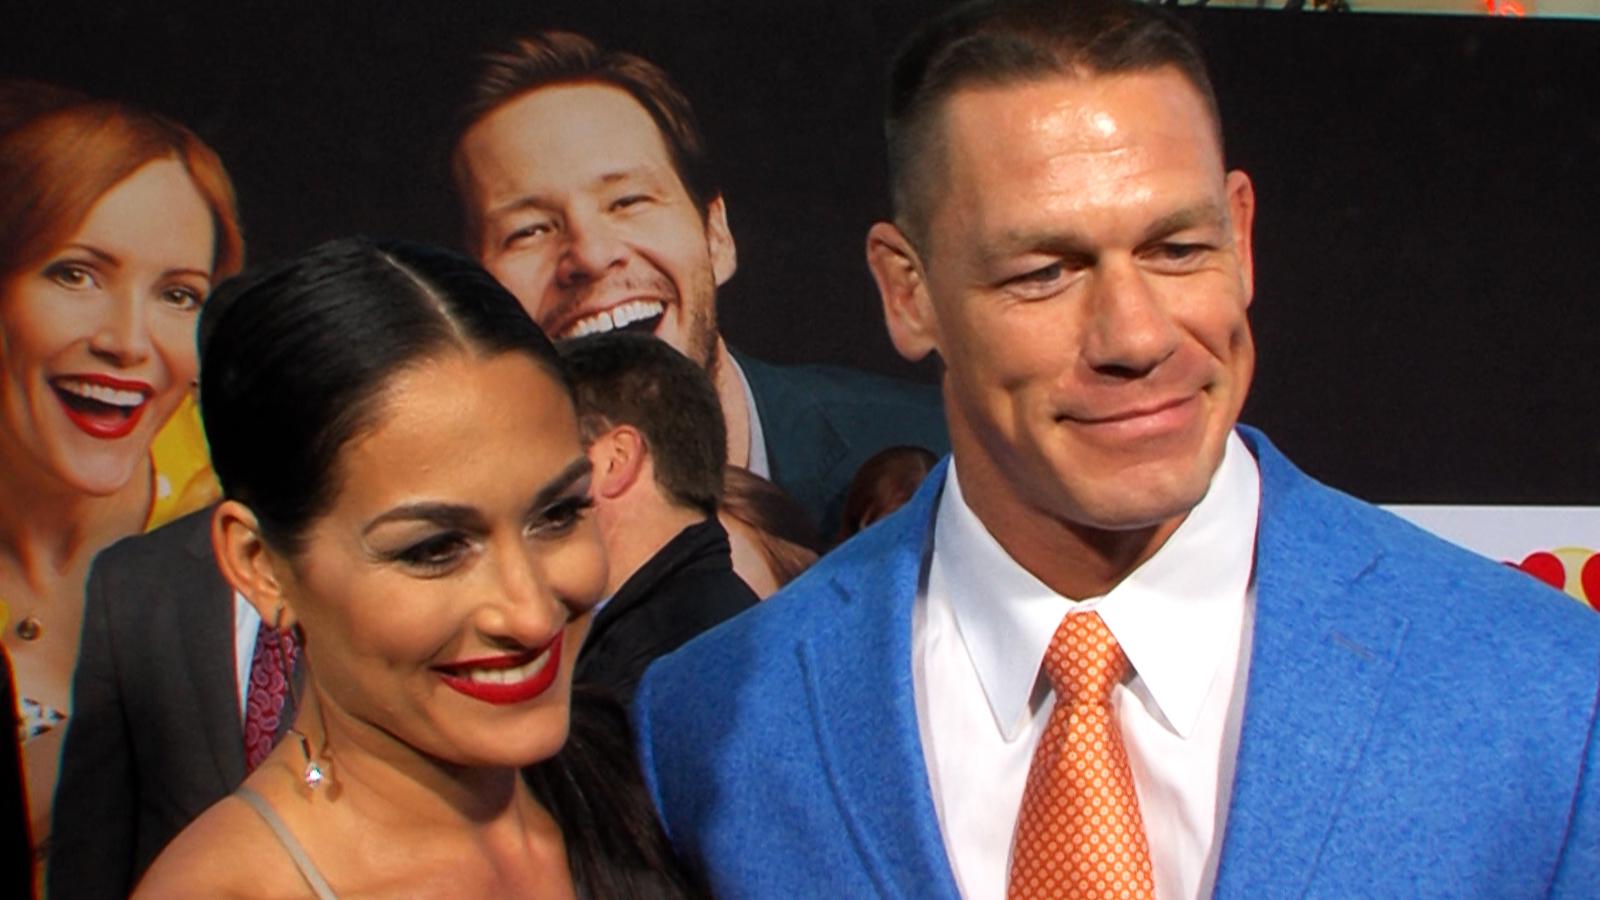 Watch Access Interview: John Cena & Fiancée Nikki Bella Spill ...